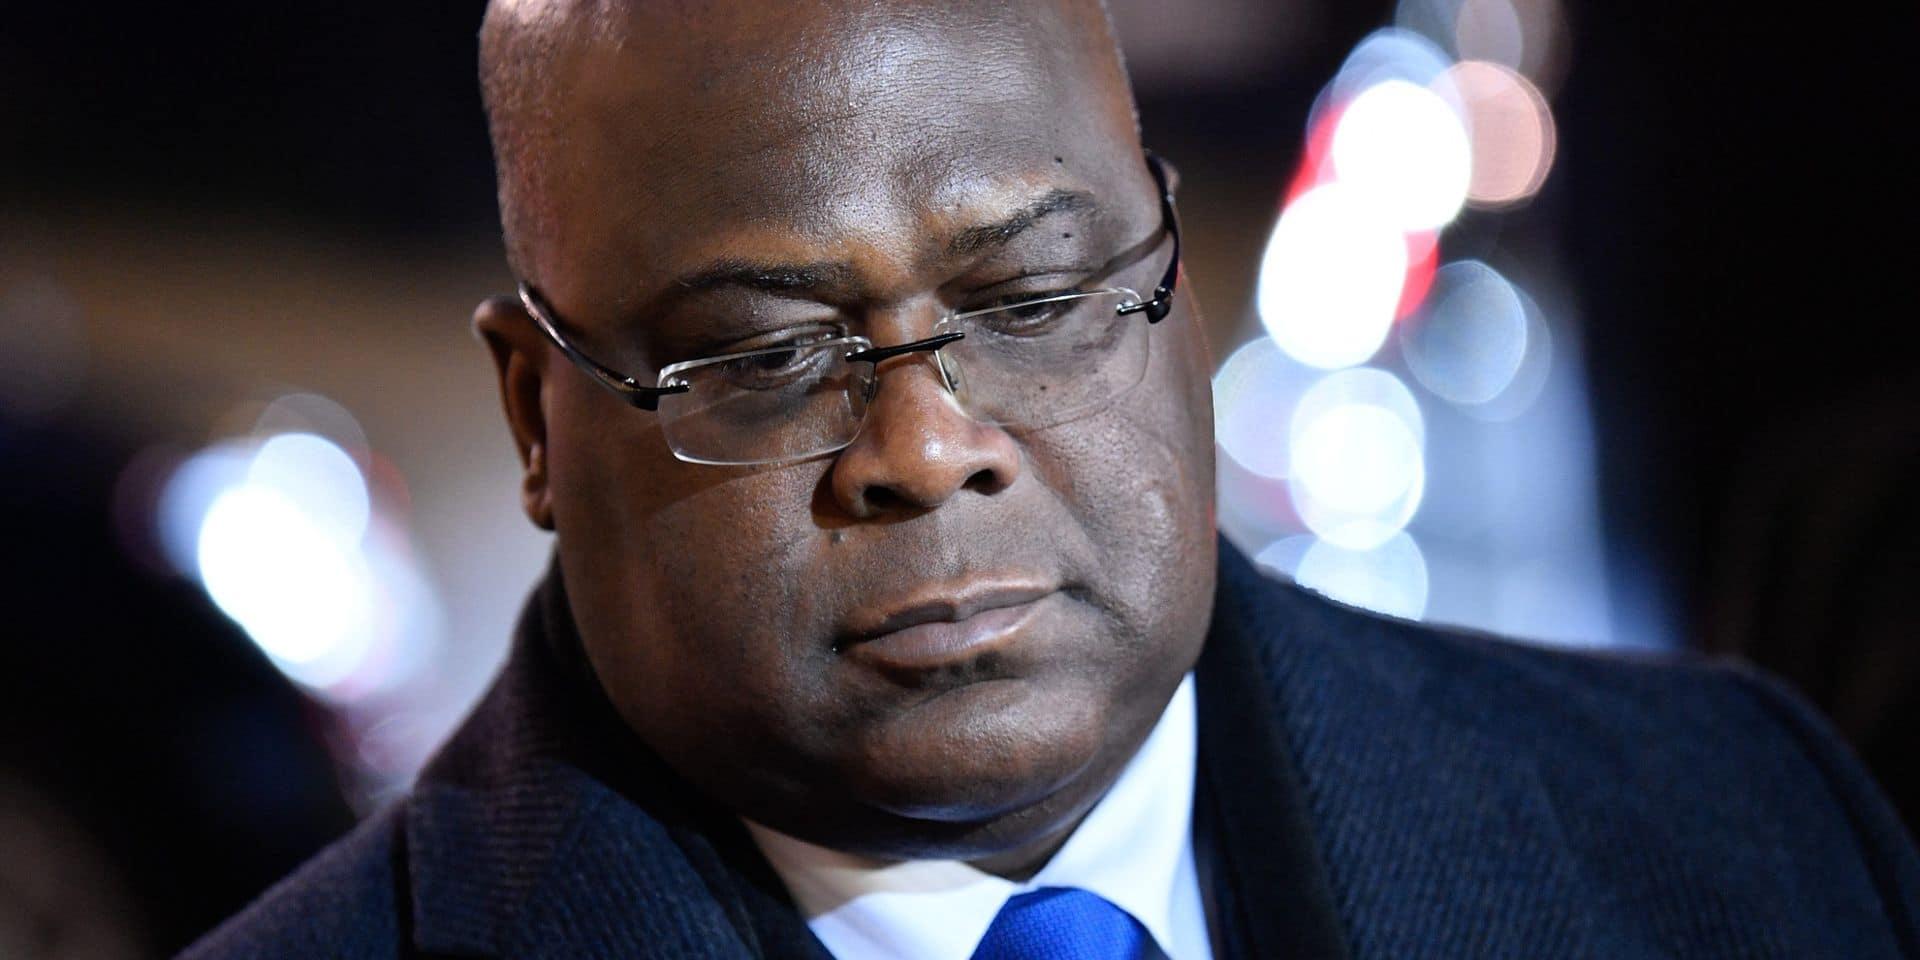 Où en est la mise en place d'un nouveau gouvernement en RDC? Tshisekedi tient son informateur